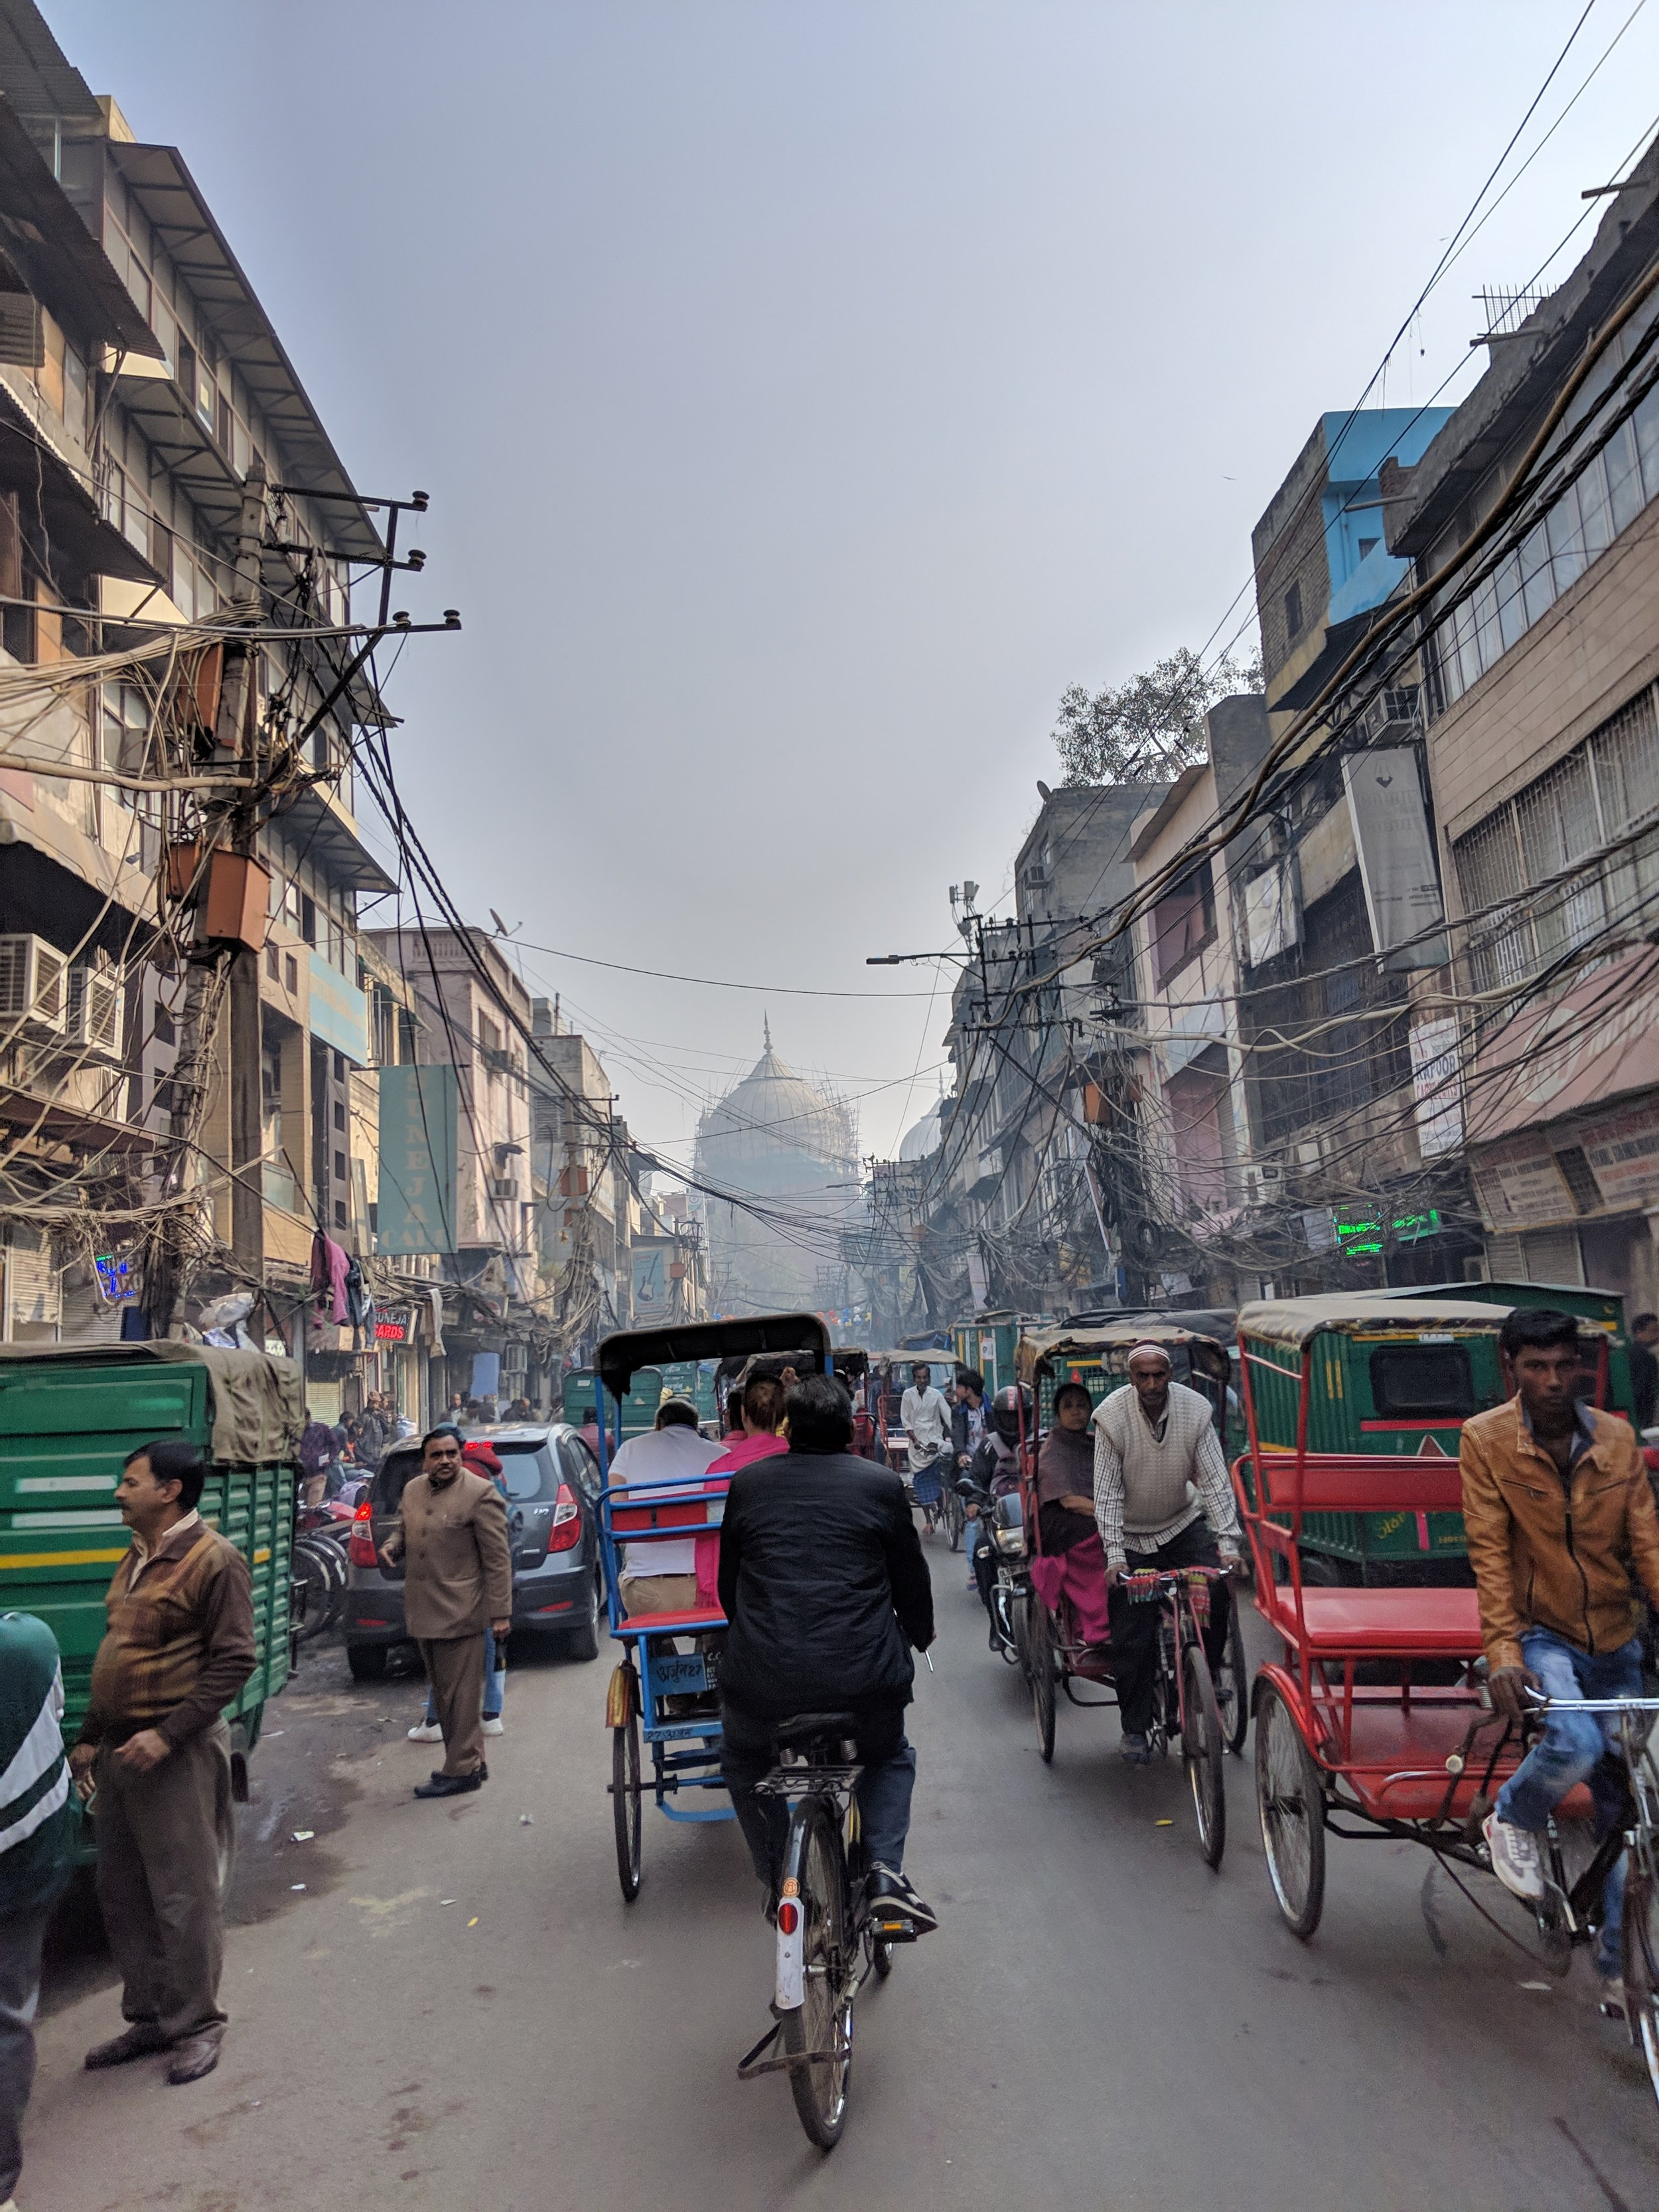 Typical Delhi traffic